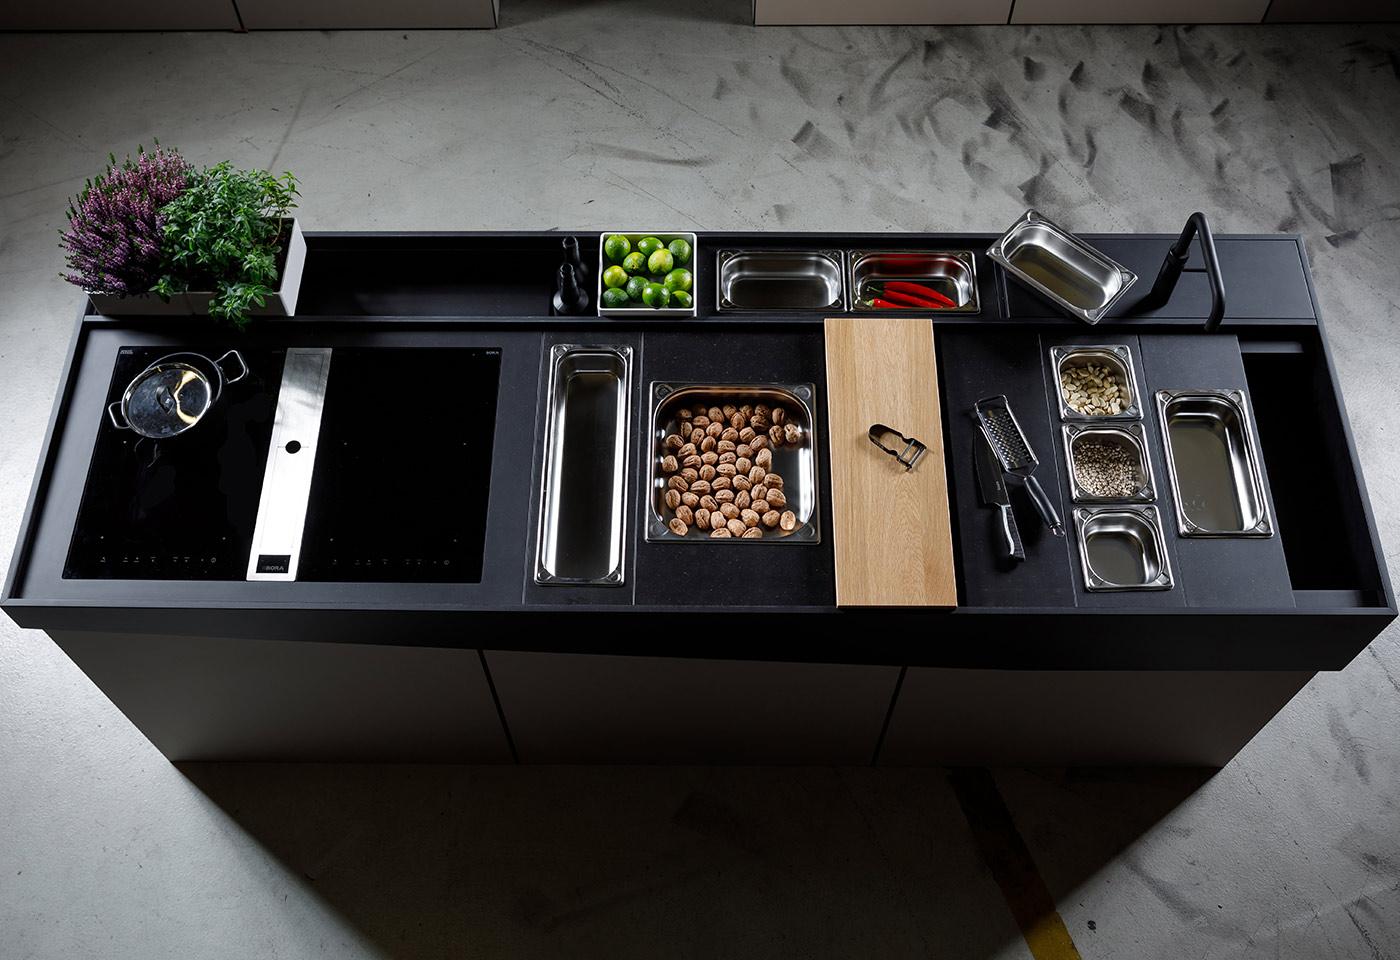 Mobil verschiebbare und flexible Kücheninsel mit zusätzlichem Raum für Kräuter und Gemüse.